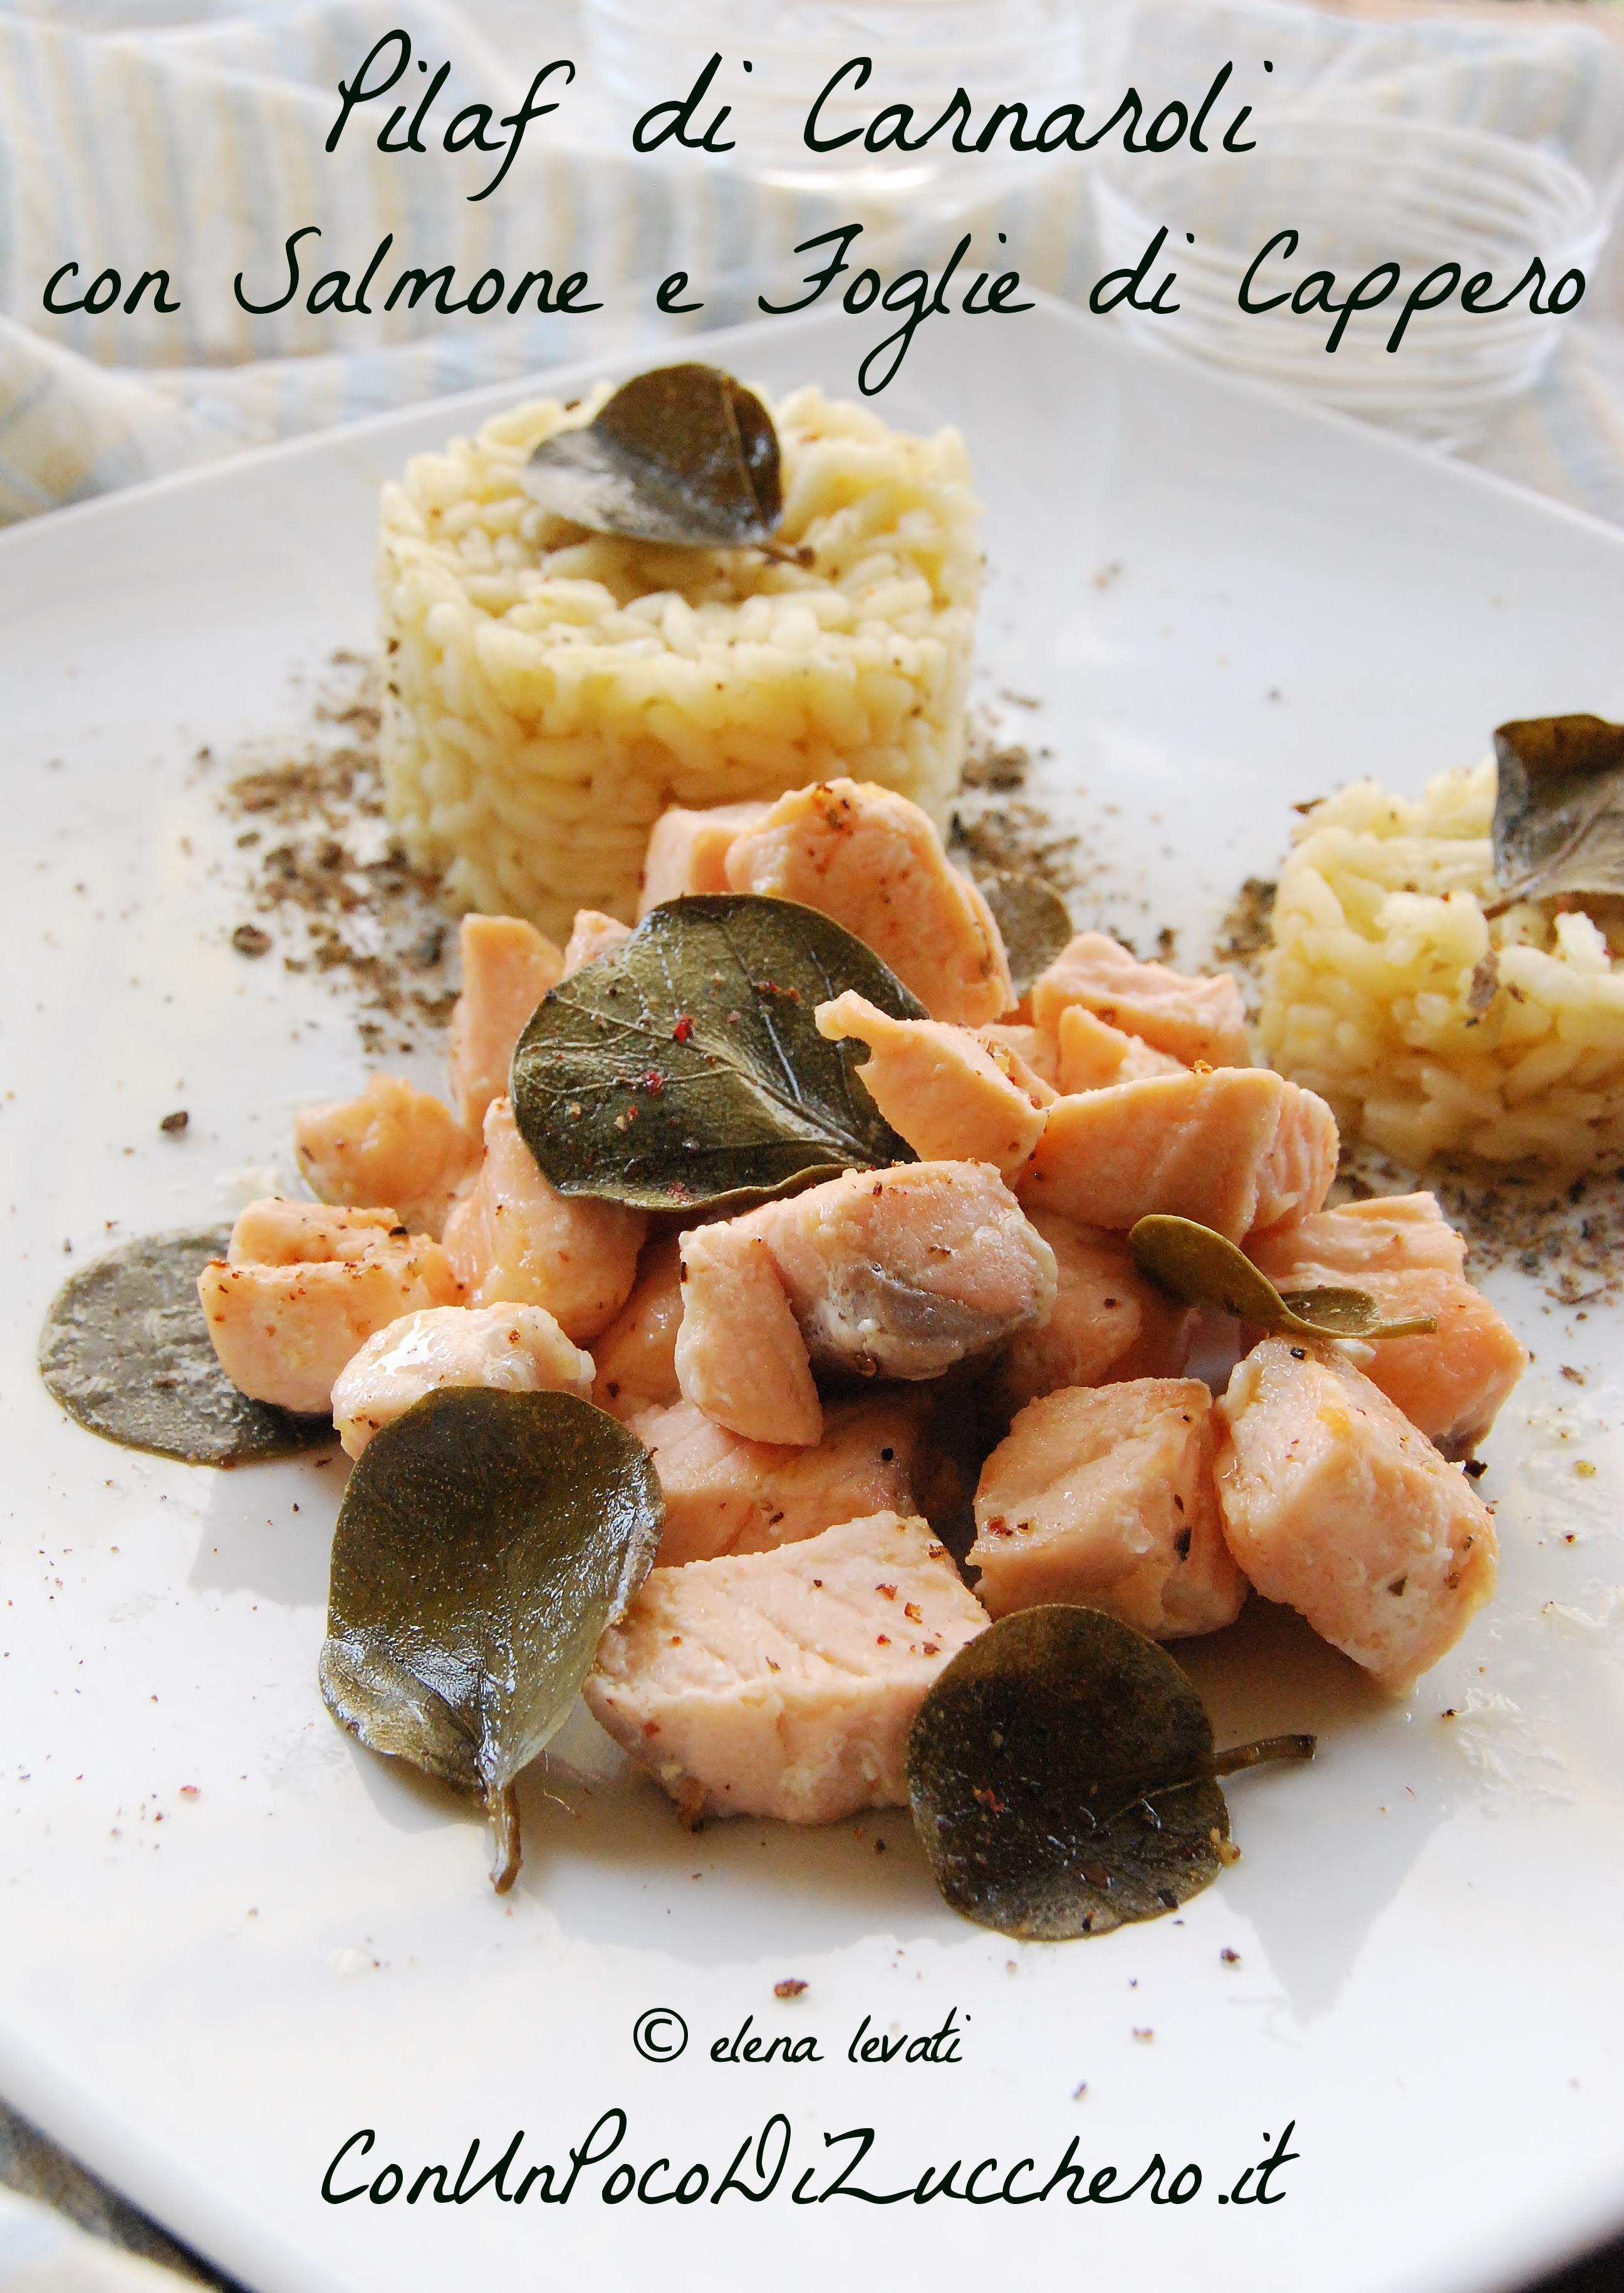 Riso pilaf e salmone